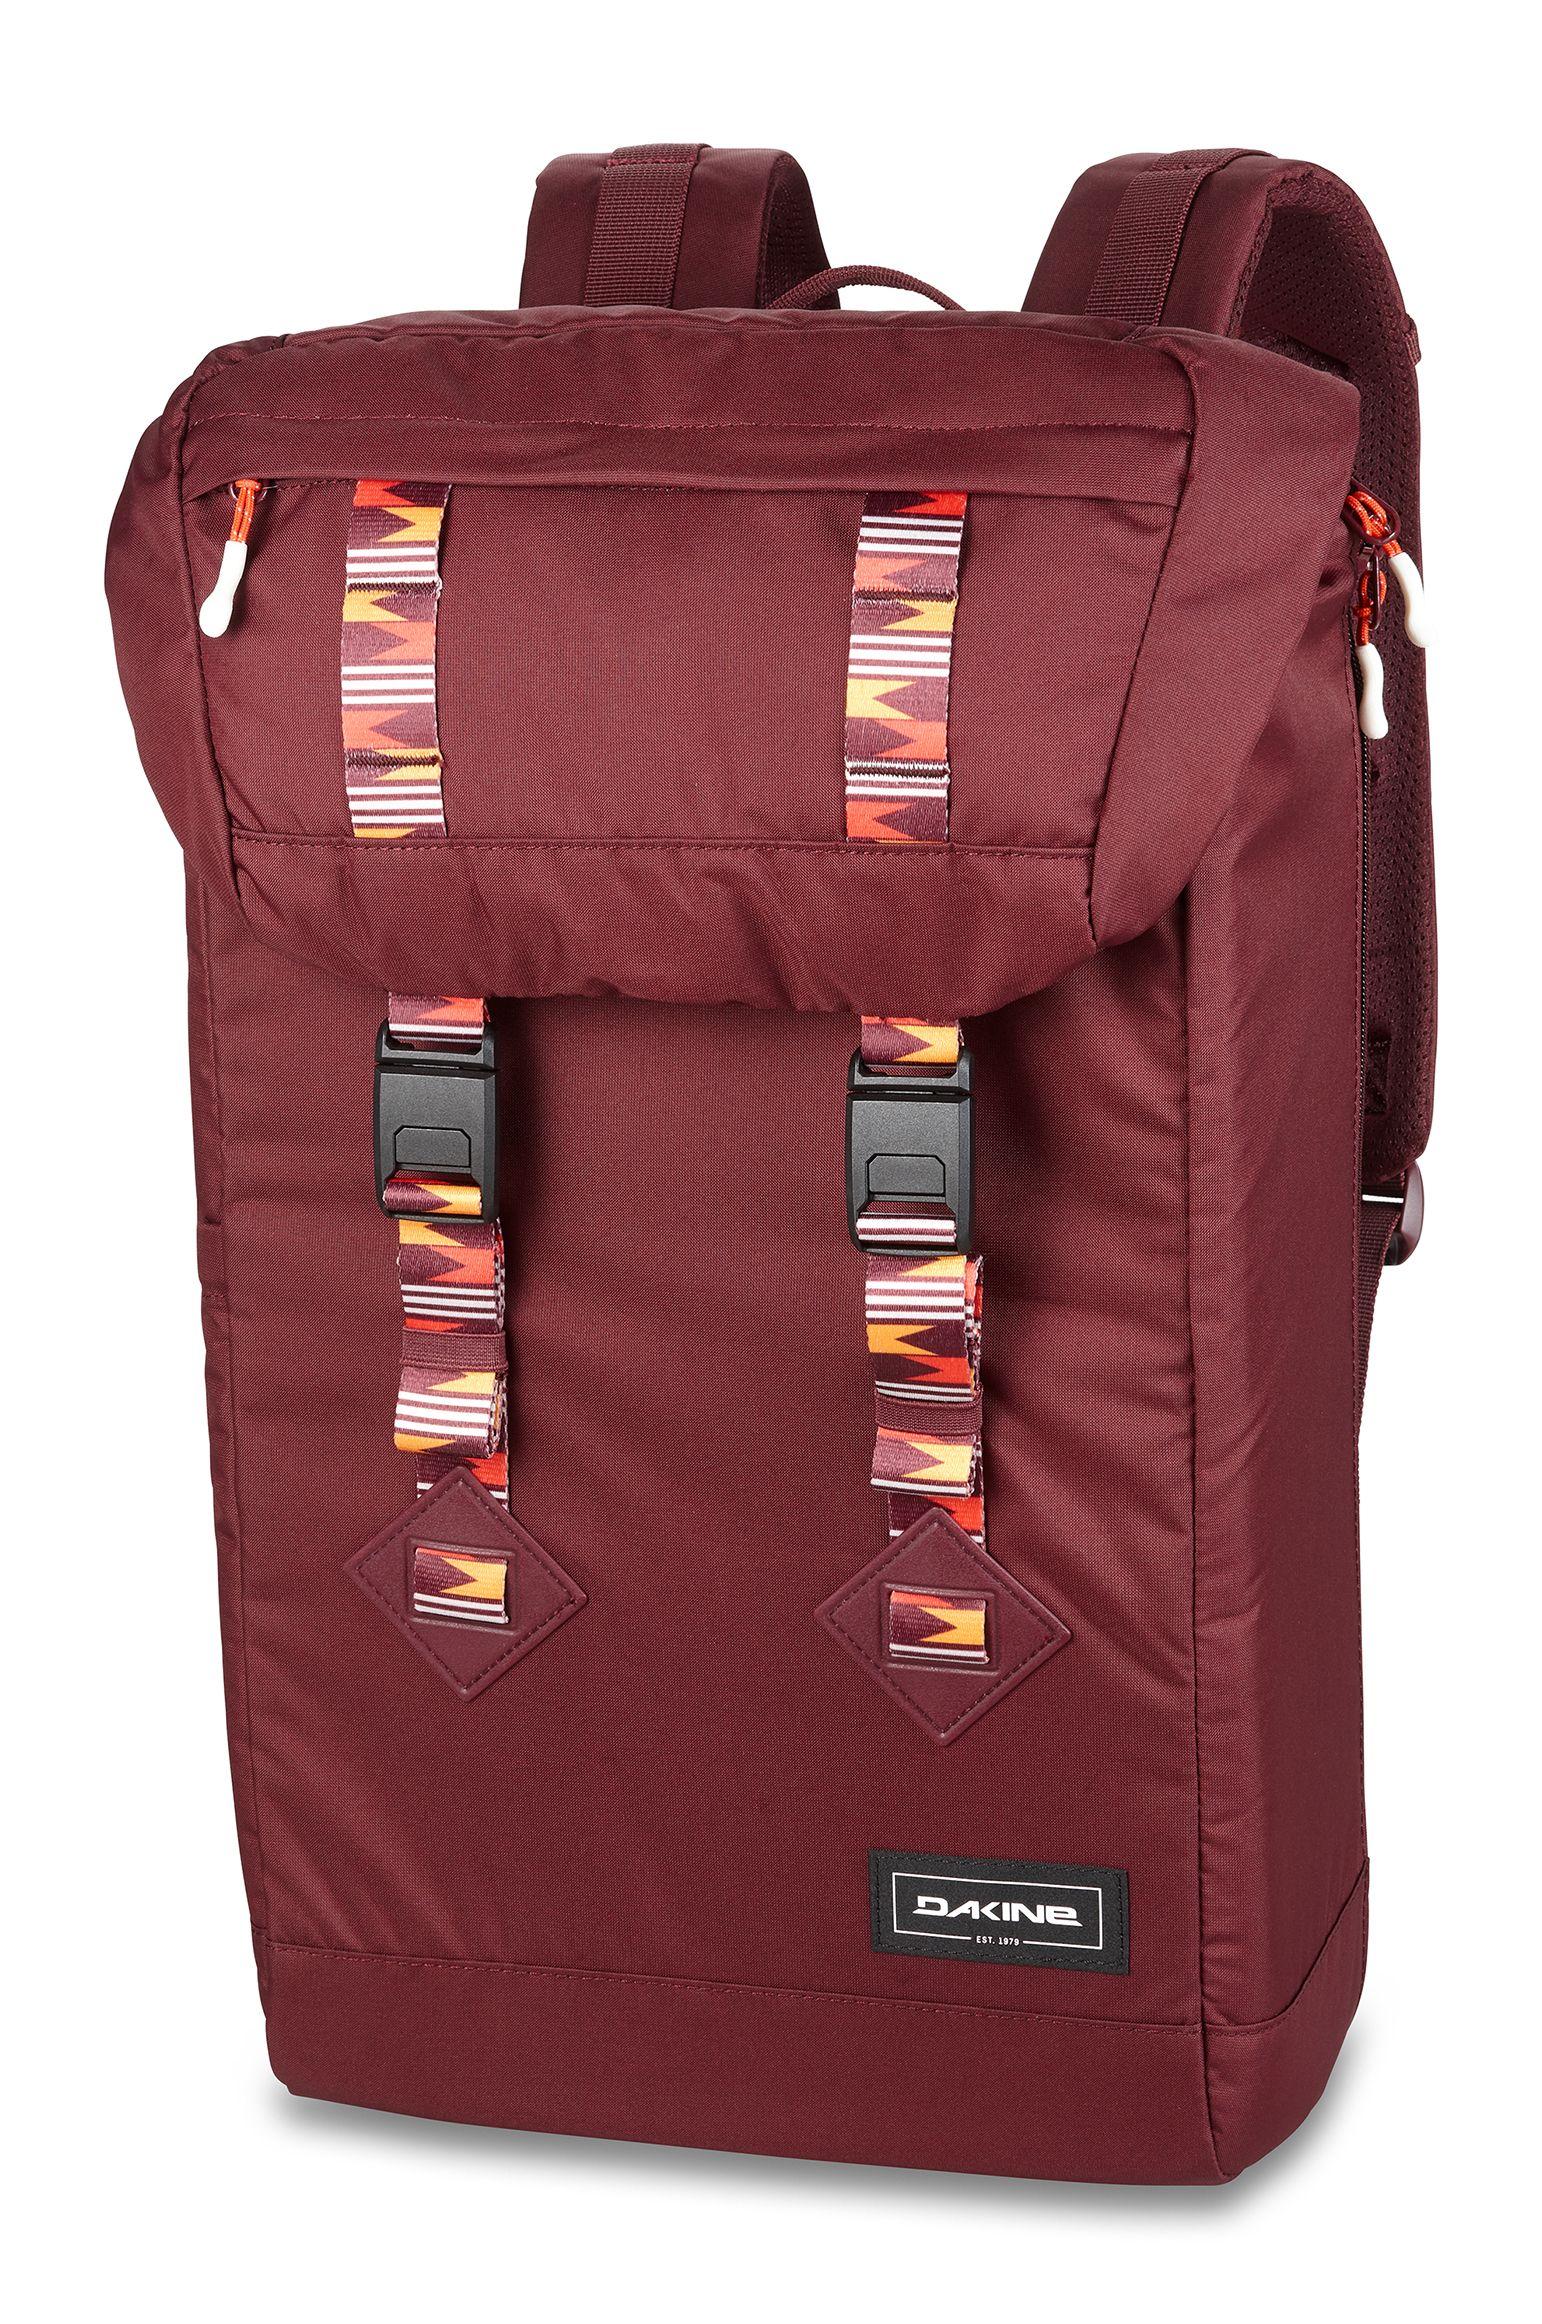 Dakine Backpack INFINITY TOPLOADER 27L Port Red